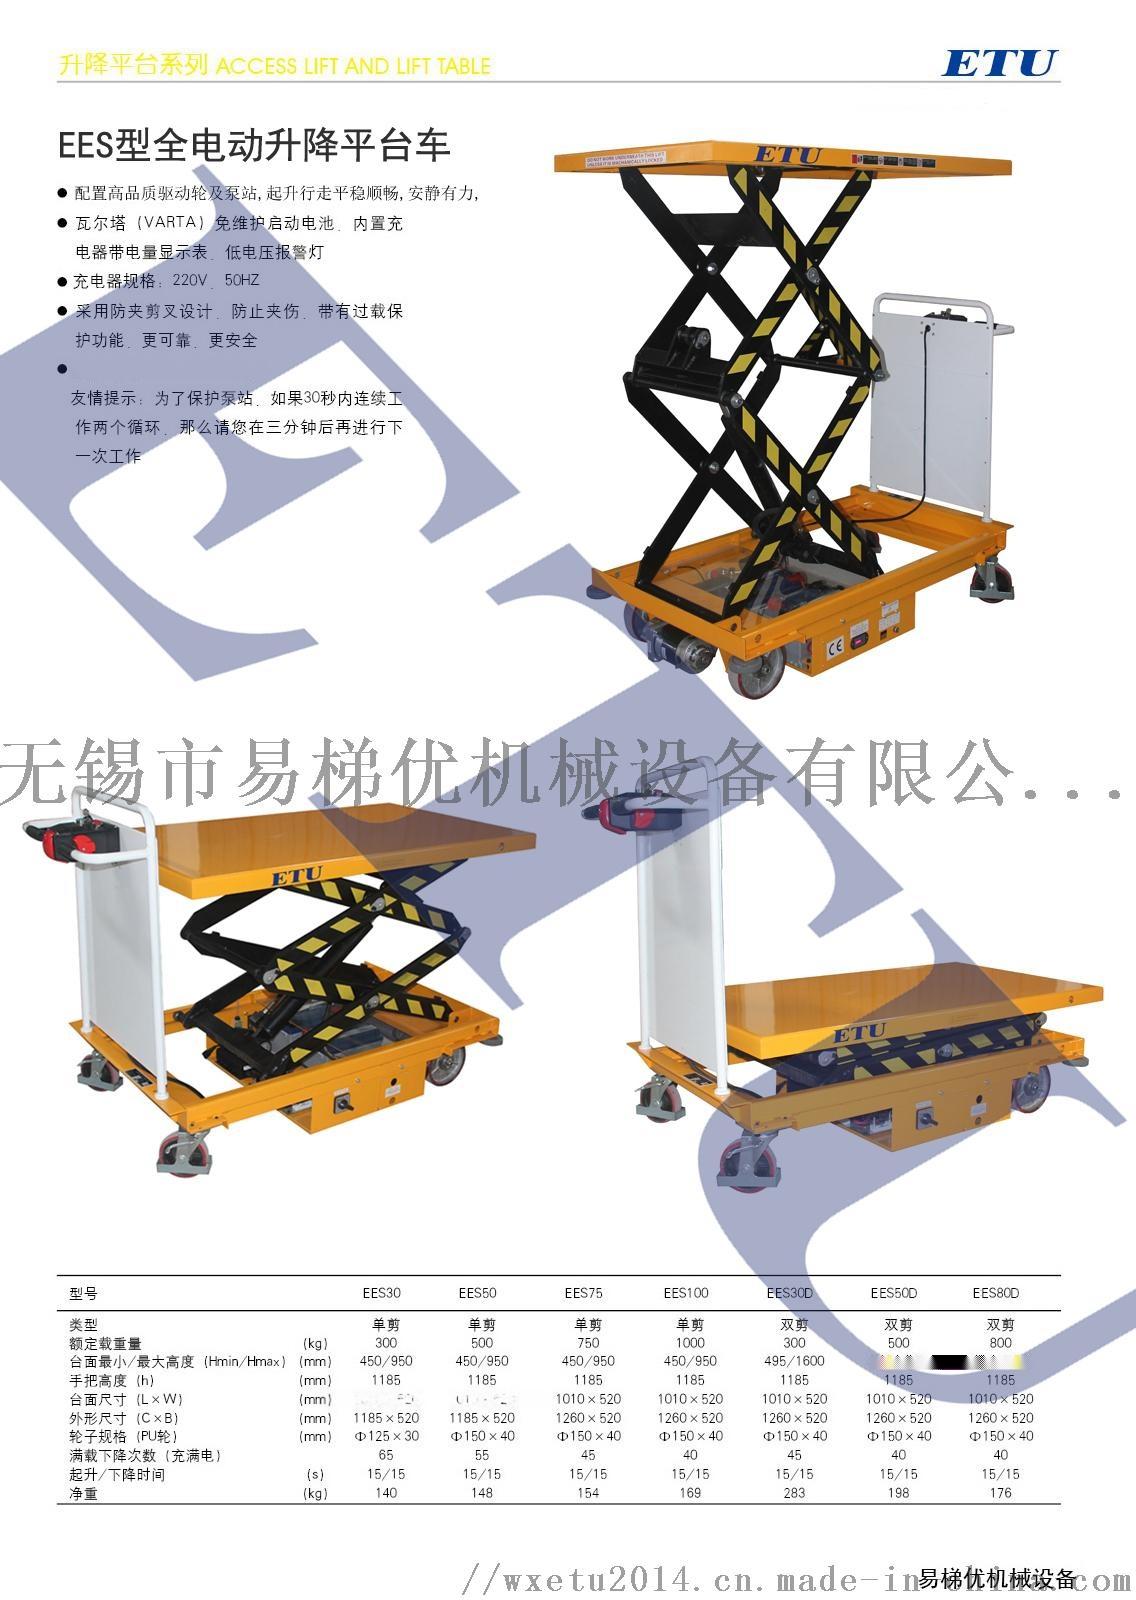 可移动式手动液压升降平台车全电动轻便手推装卸升降机100170615